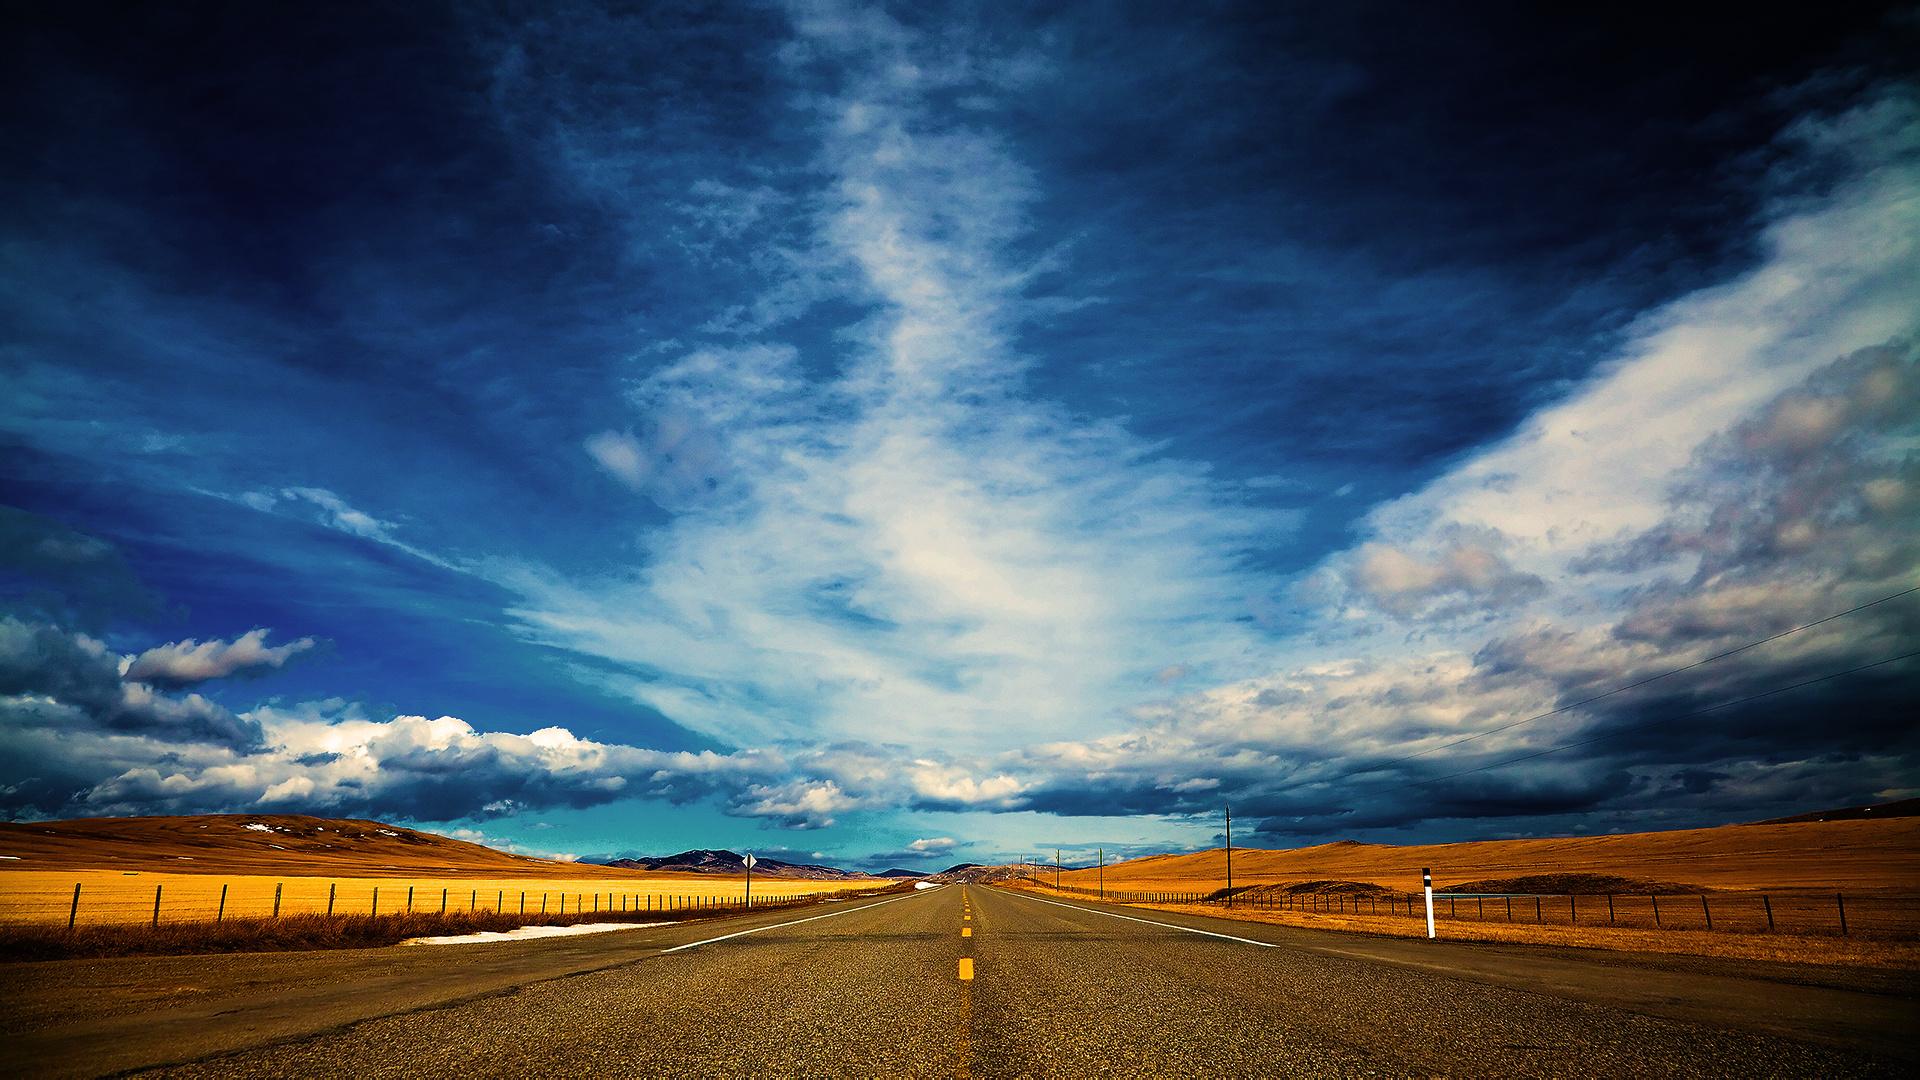 Safari Run Plano >> Wallpaper of the Road - WallpaperSafari